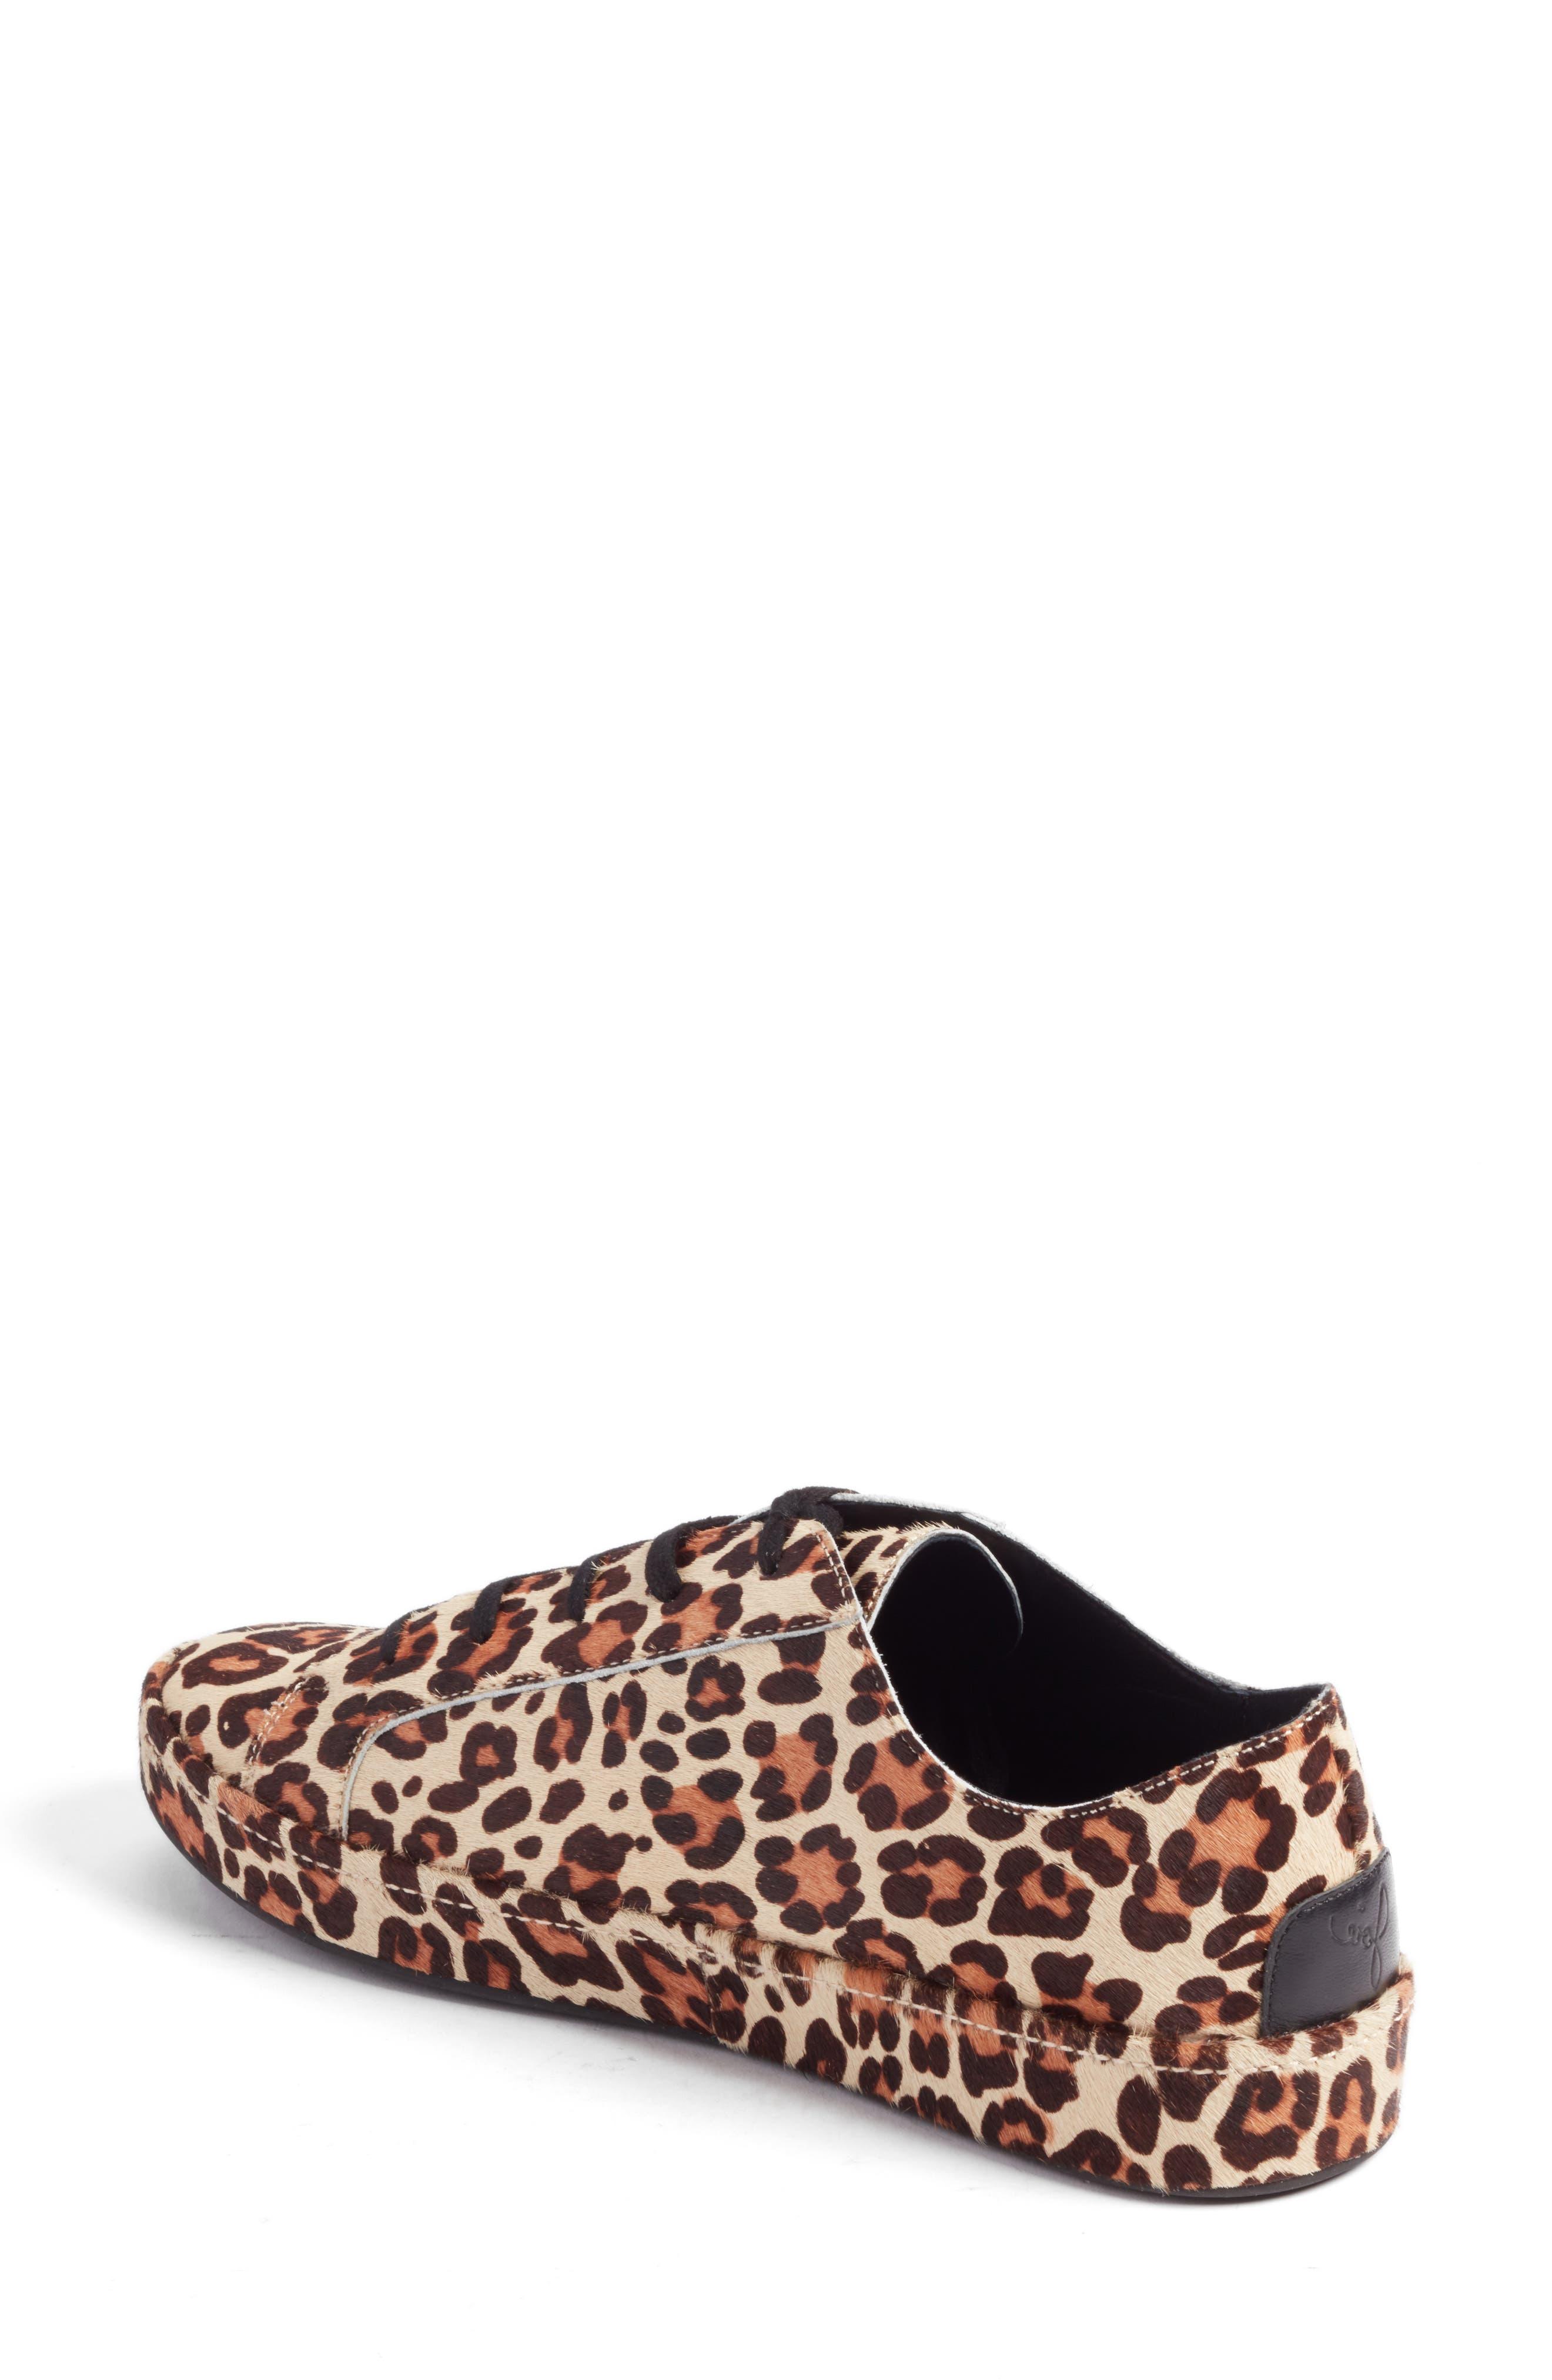 Alternate Image 2  - Joie Daryl Low Top Genuine Calf Hair Sneaker (Women)